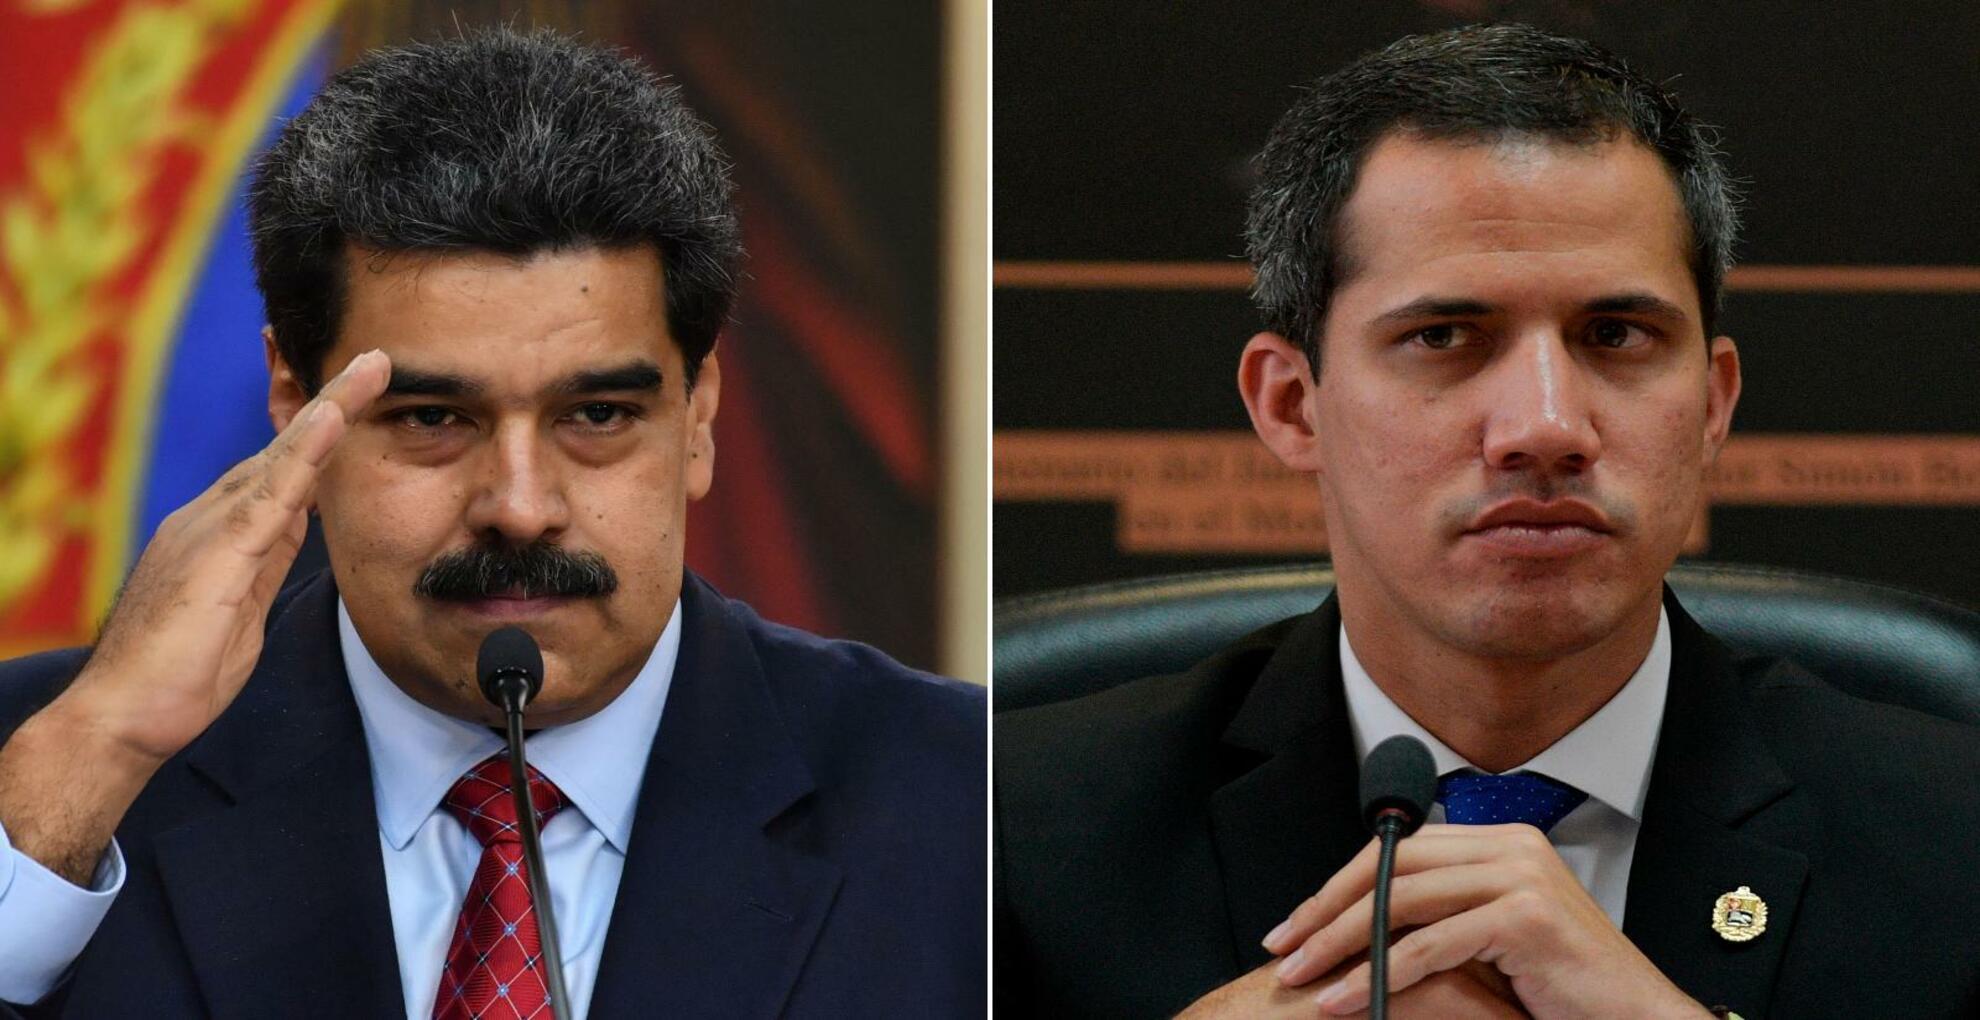 El coronavirus acelera la lucha por el poder entre Maduro y Guaidó